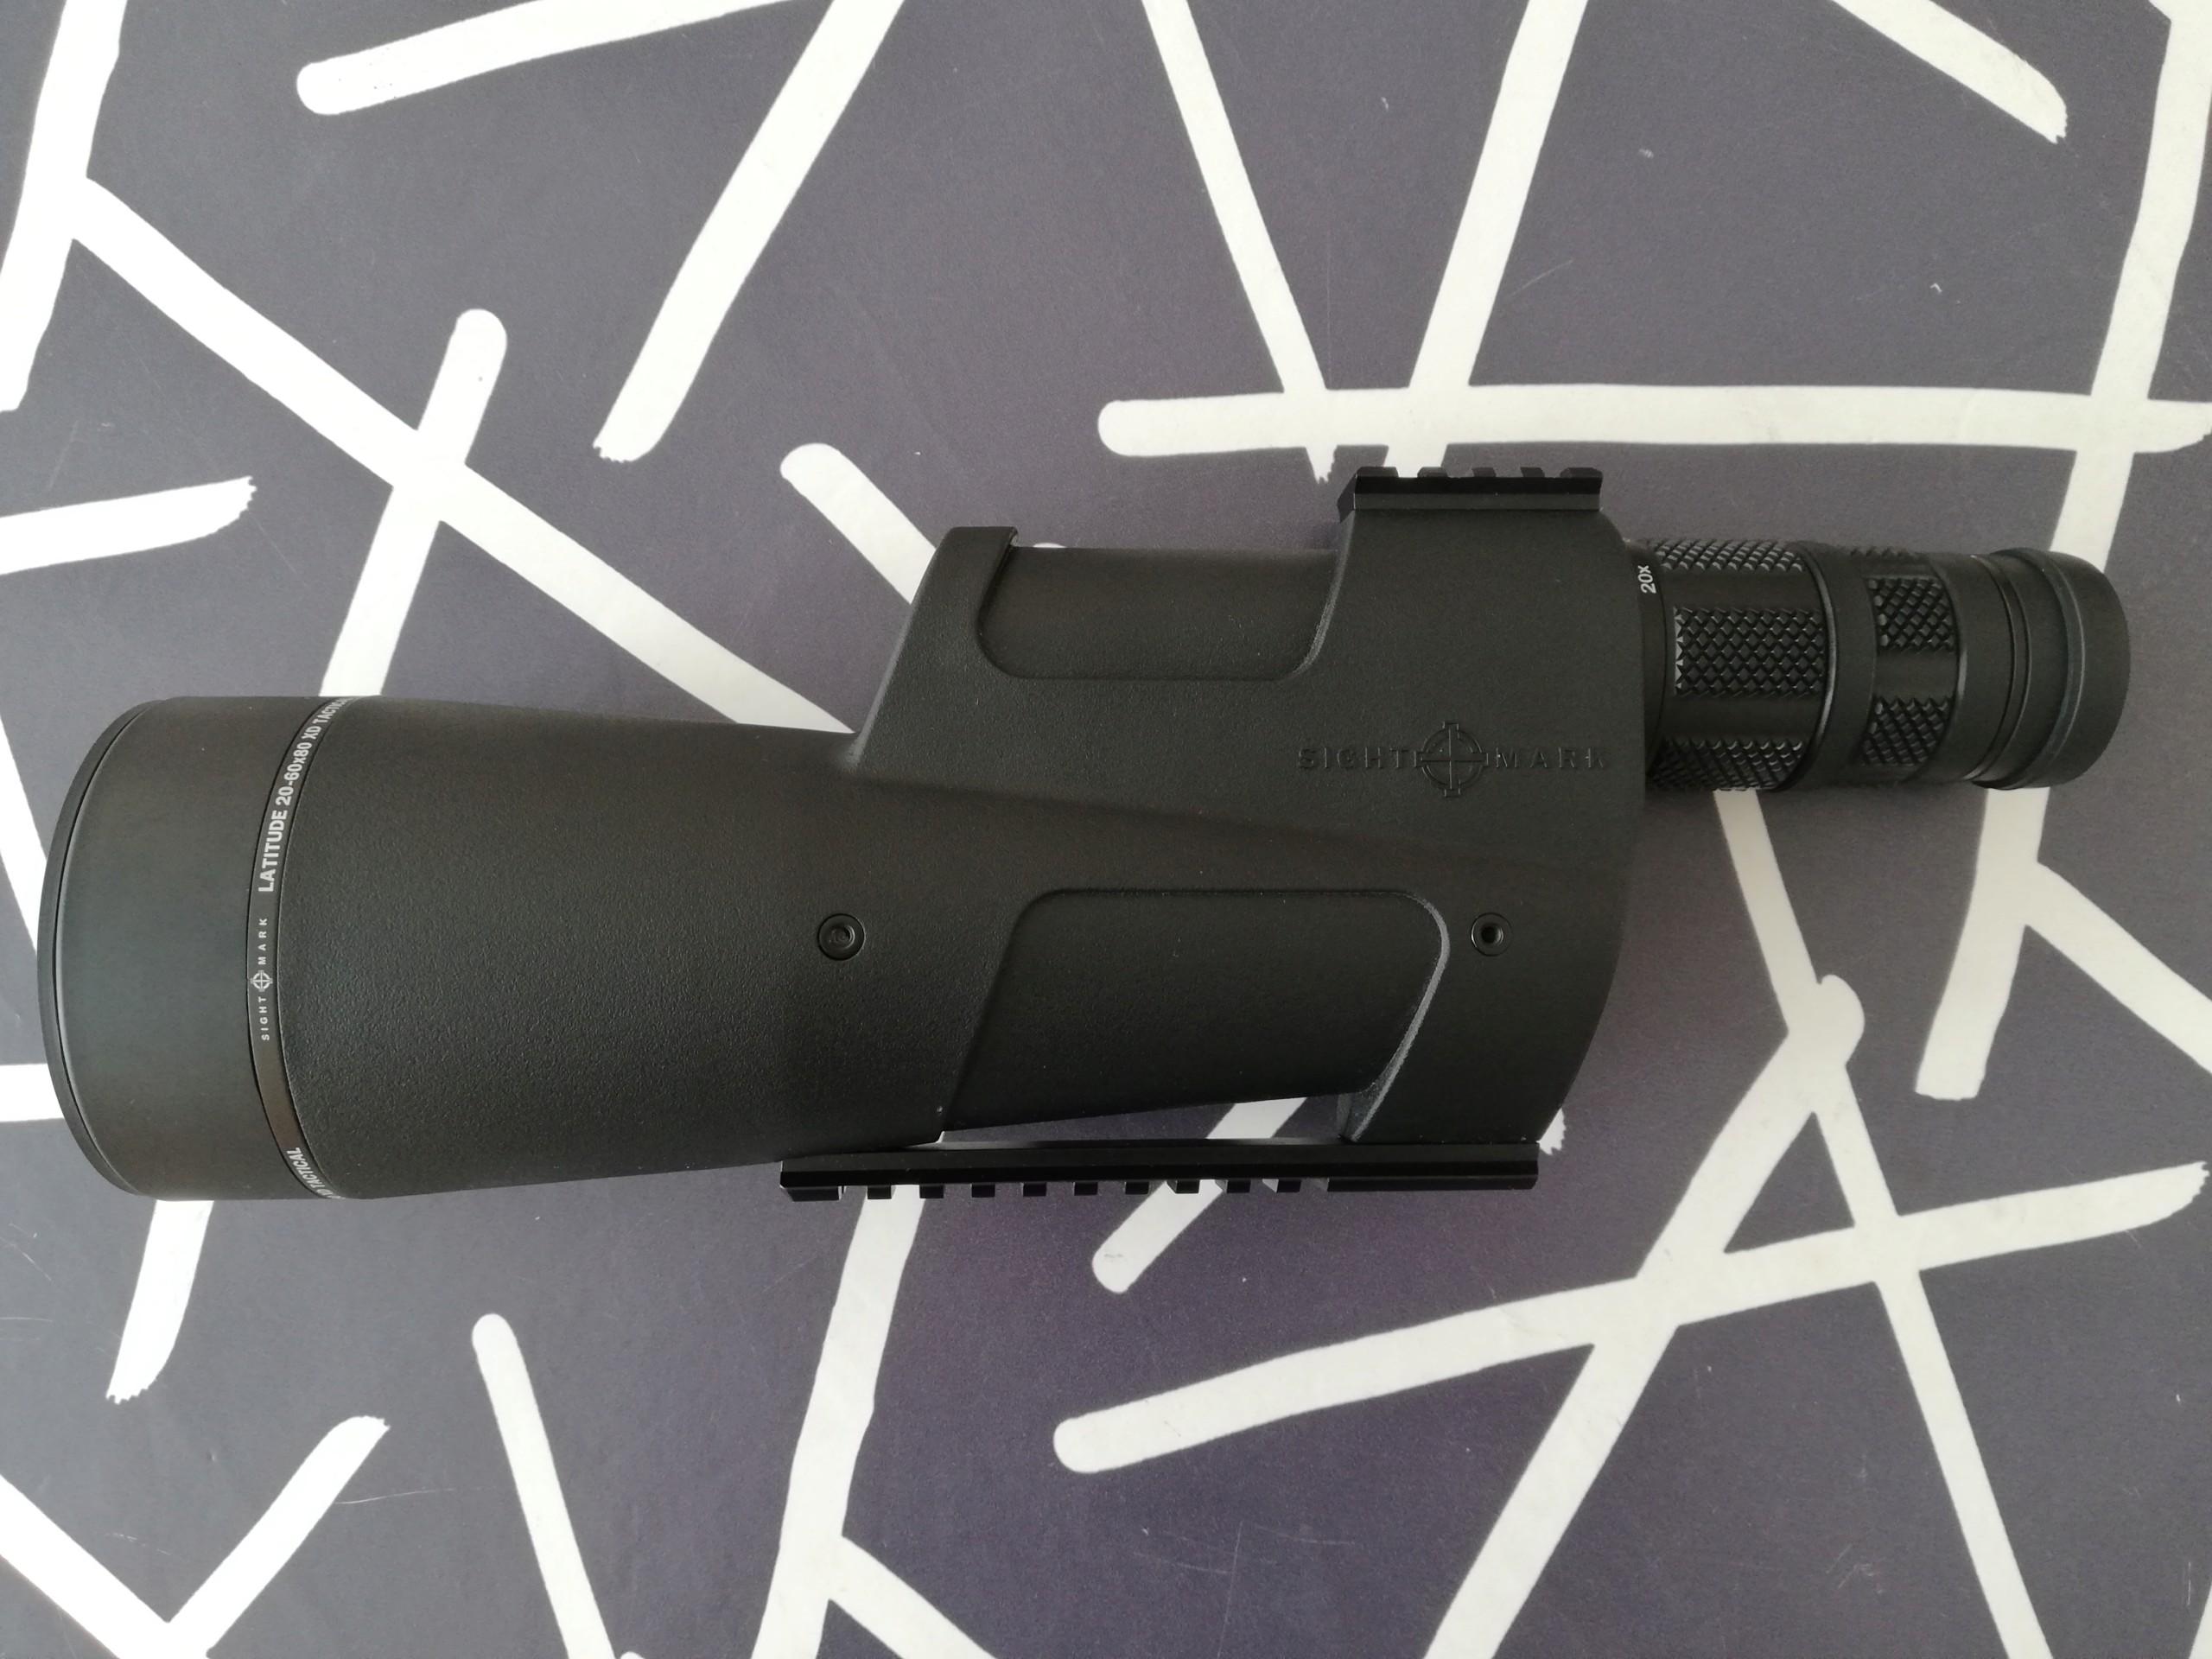 Essai d'un spotting scope avec réticule intégré. - Page 2 Sightm11